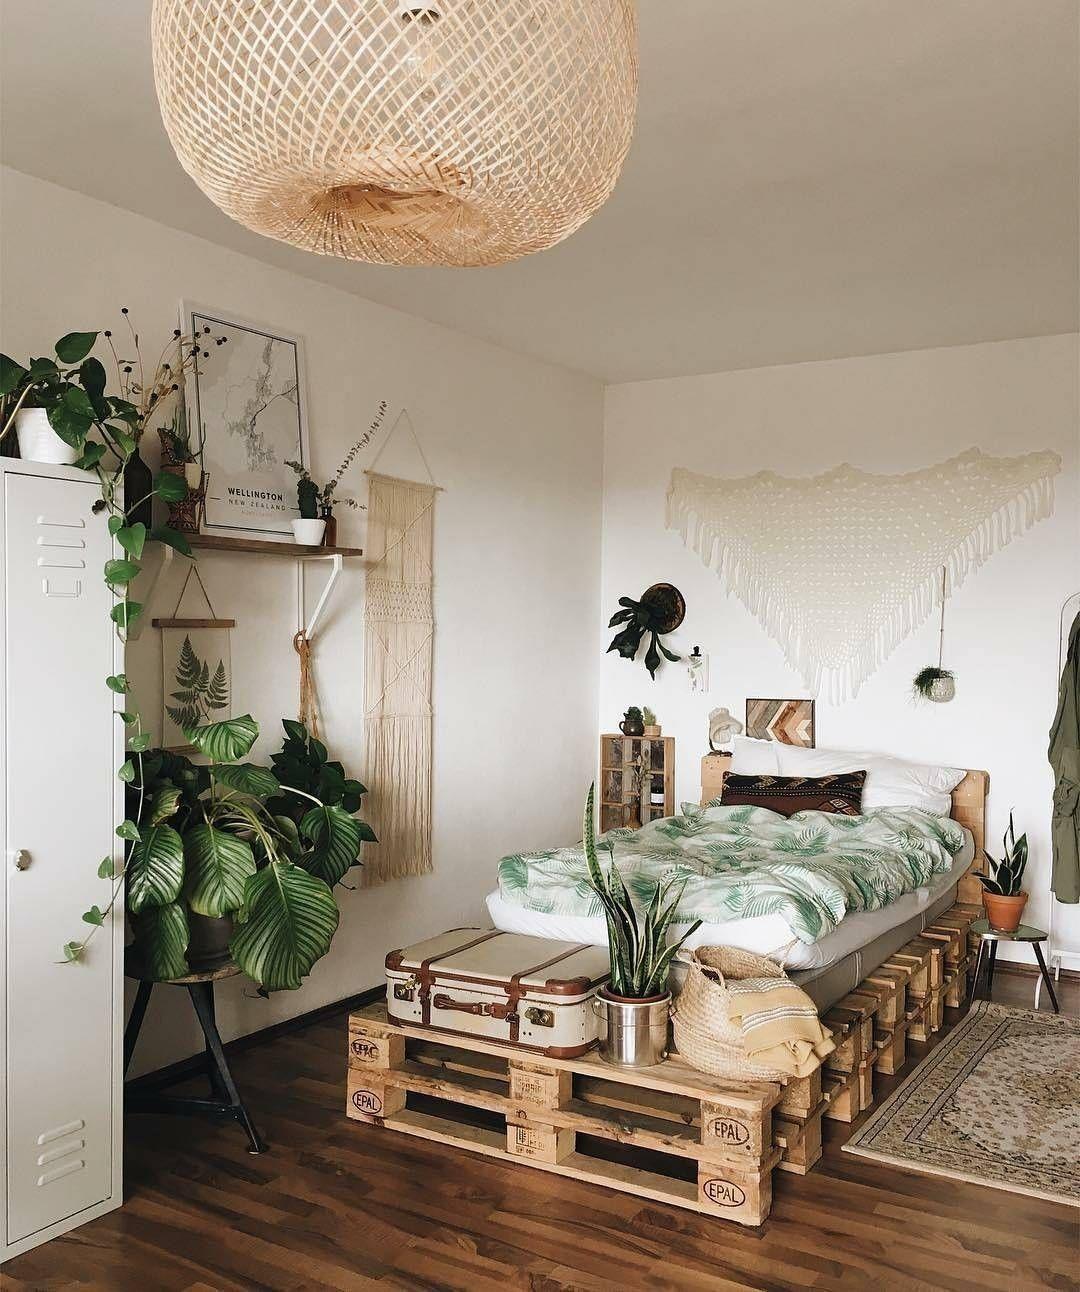 une chambre boho avec un lit en palettes | déco bohème en 2019